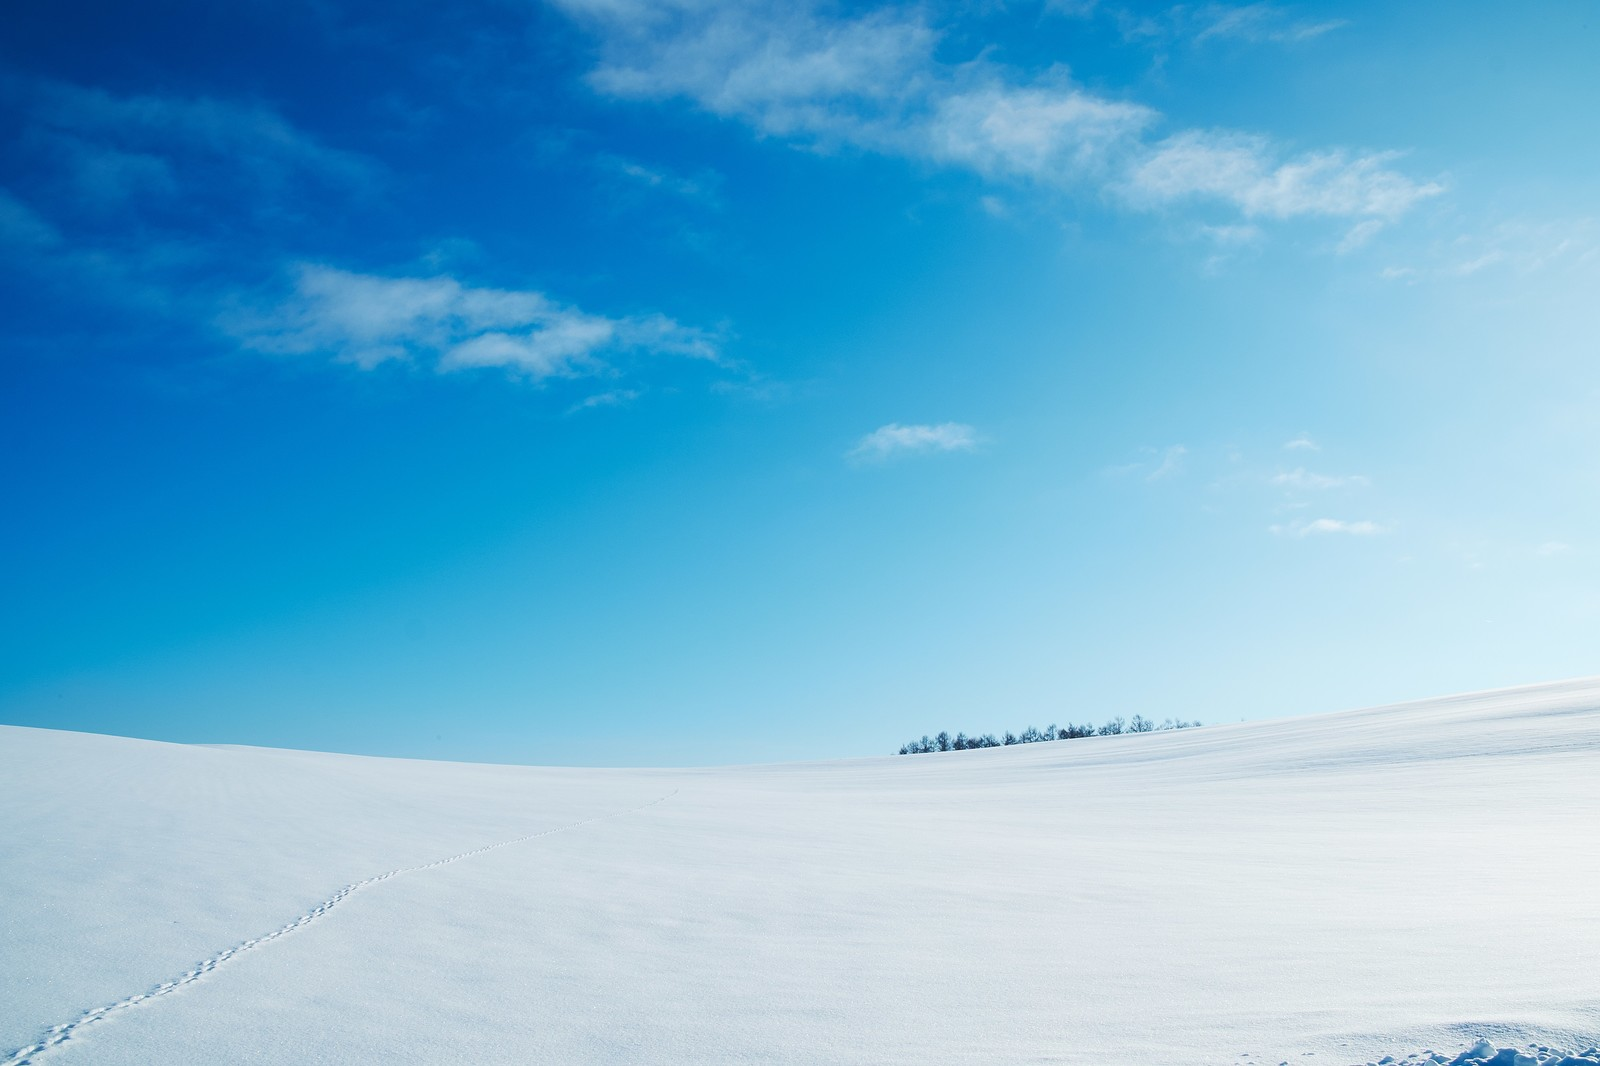 「雪原と足跡」の写真